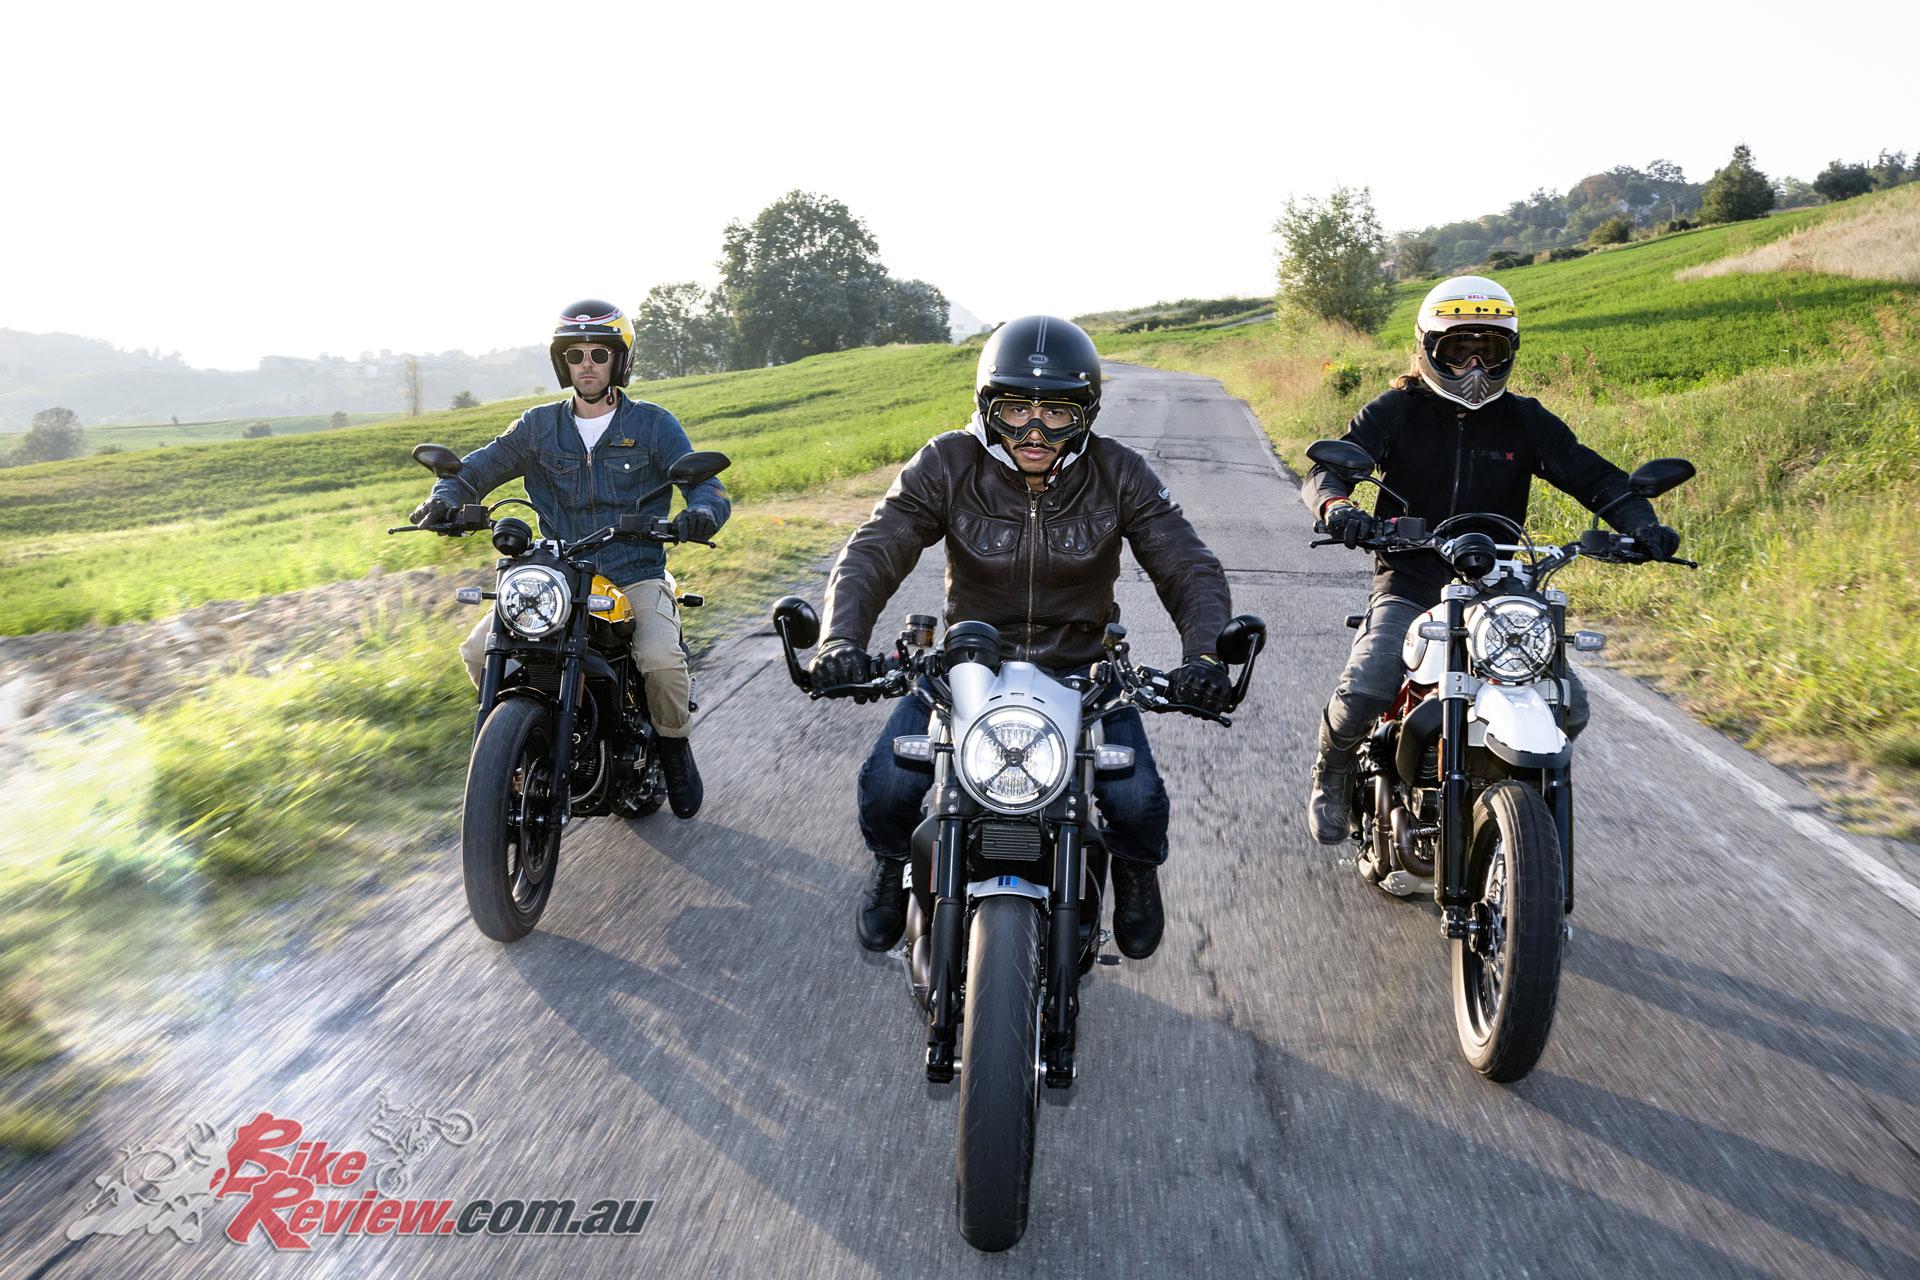 2019 Ducati Scrambler updates